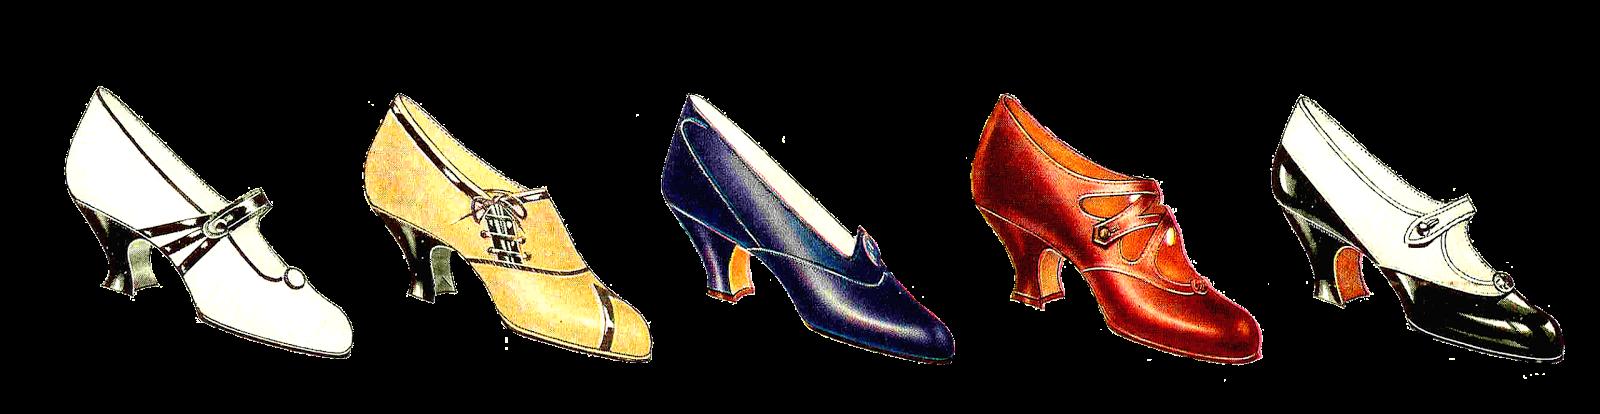 http://3.bp.blogspot.com/-aj6iyNljaQ4/Uwfd-yHad0I/AAAAAAAAS-U/O0PXfr3TB-s/s1600/ladyshoes5png.png